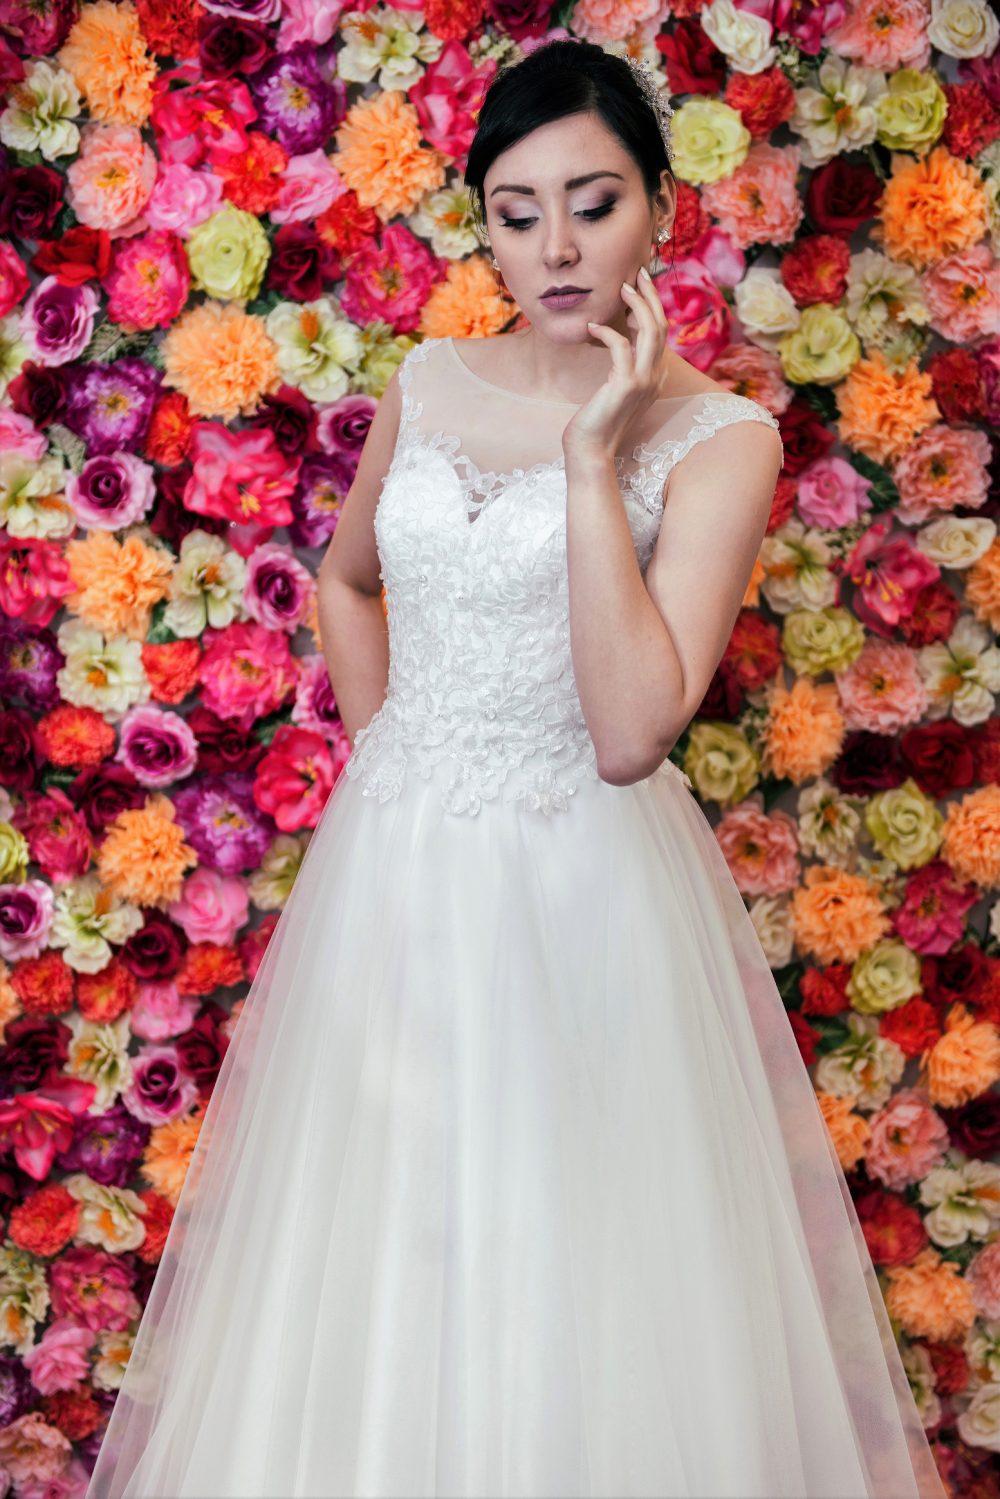 Suknia ślubna Model 612 z tiulową spódnicą i dekoltem illusion.